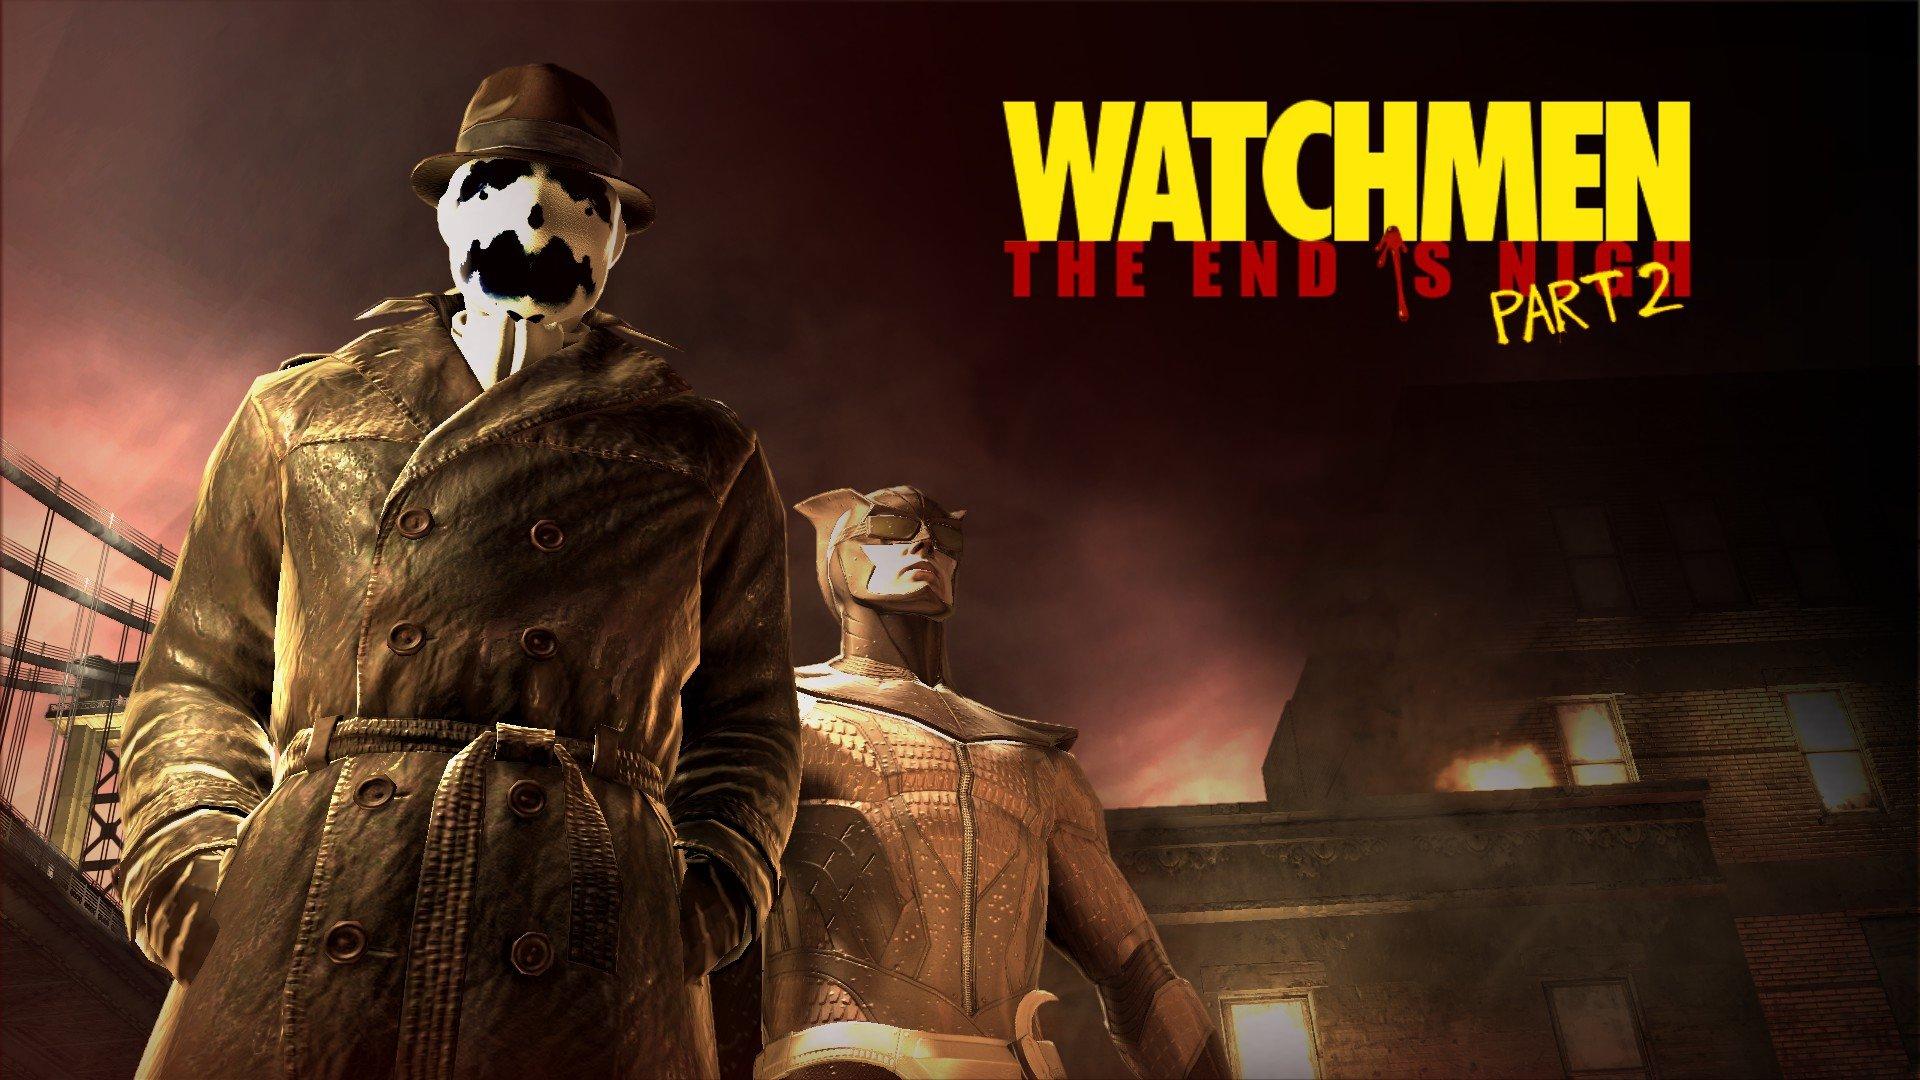 Игры и фильмы по комиксам: Watchmen. - Изображение 7